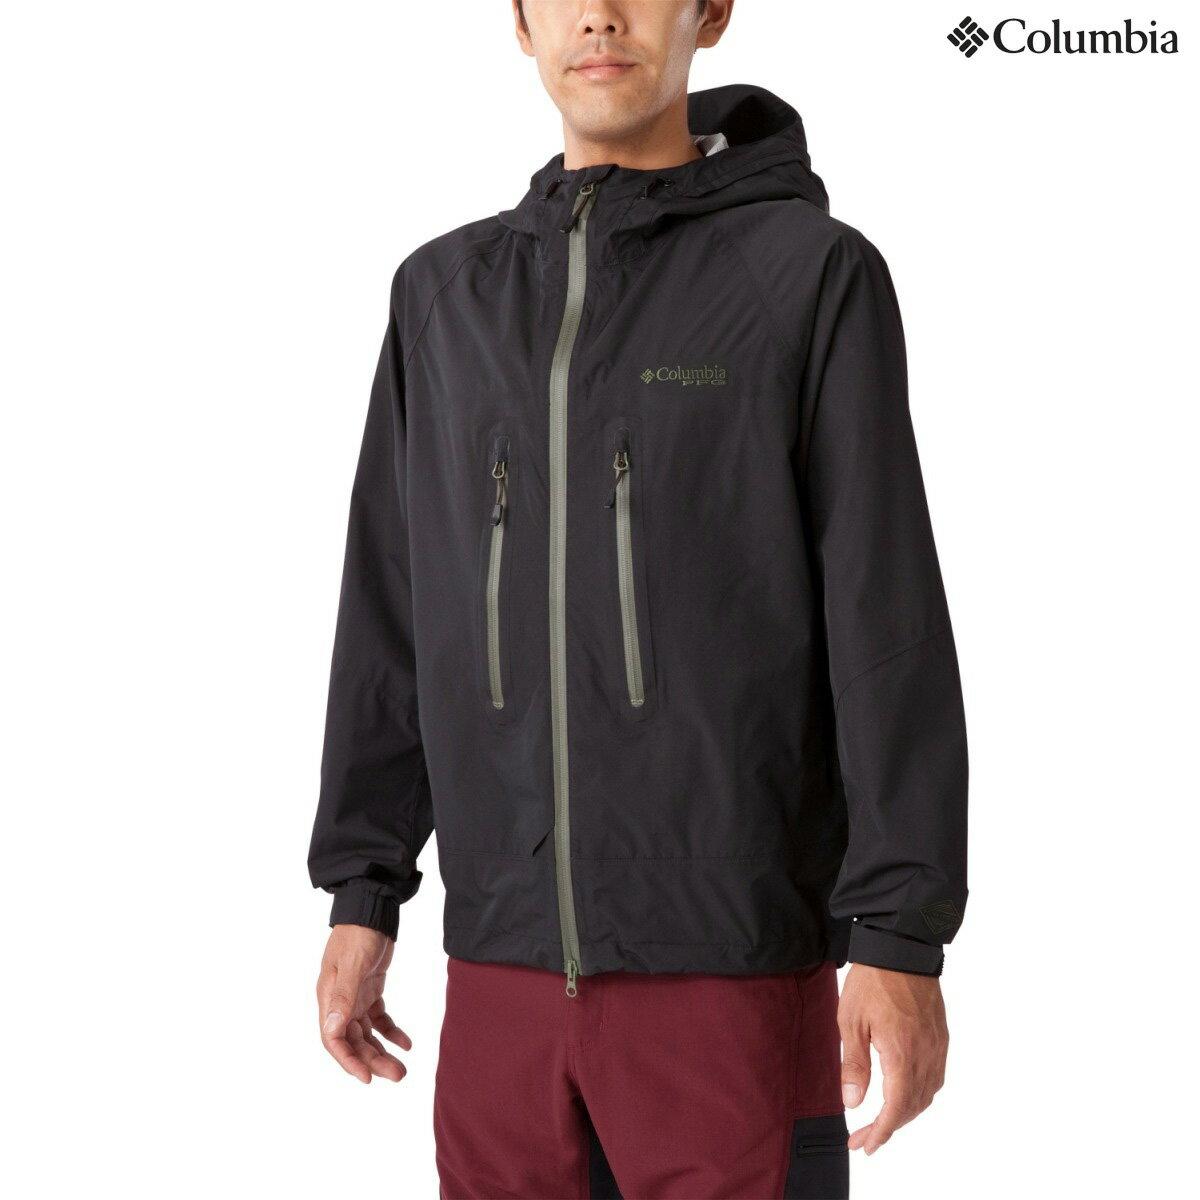 Columbia コロンビア /PM3122 Tag Ridge Jacket/タグリッジジャケット(メンズ) 【2015ss】【SALE】